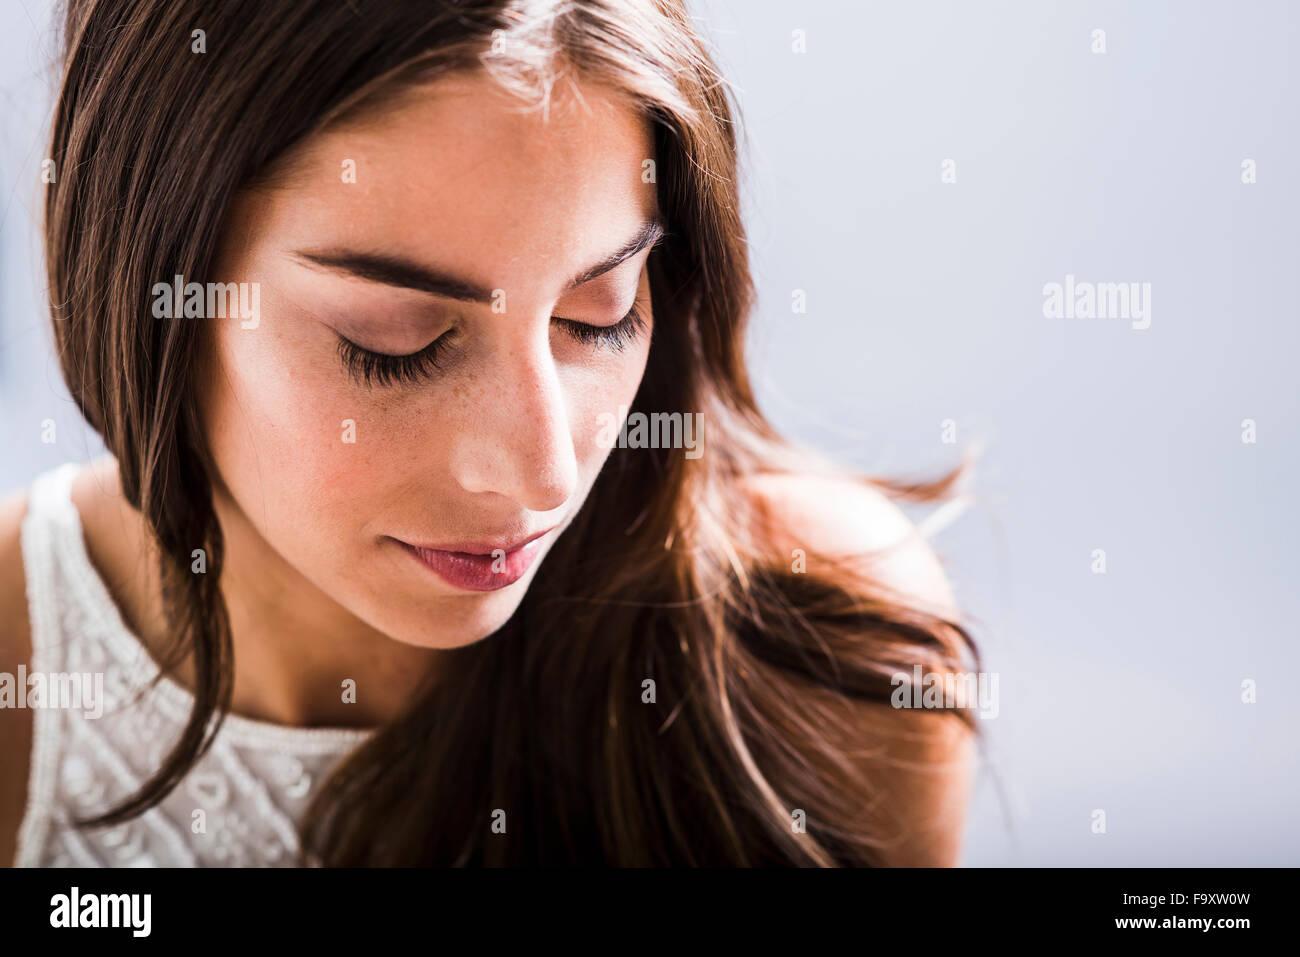 Portrait von Brünette Frau mit geschlossenen Augen Stockbild